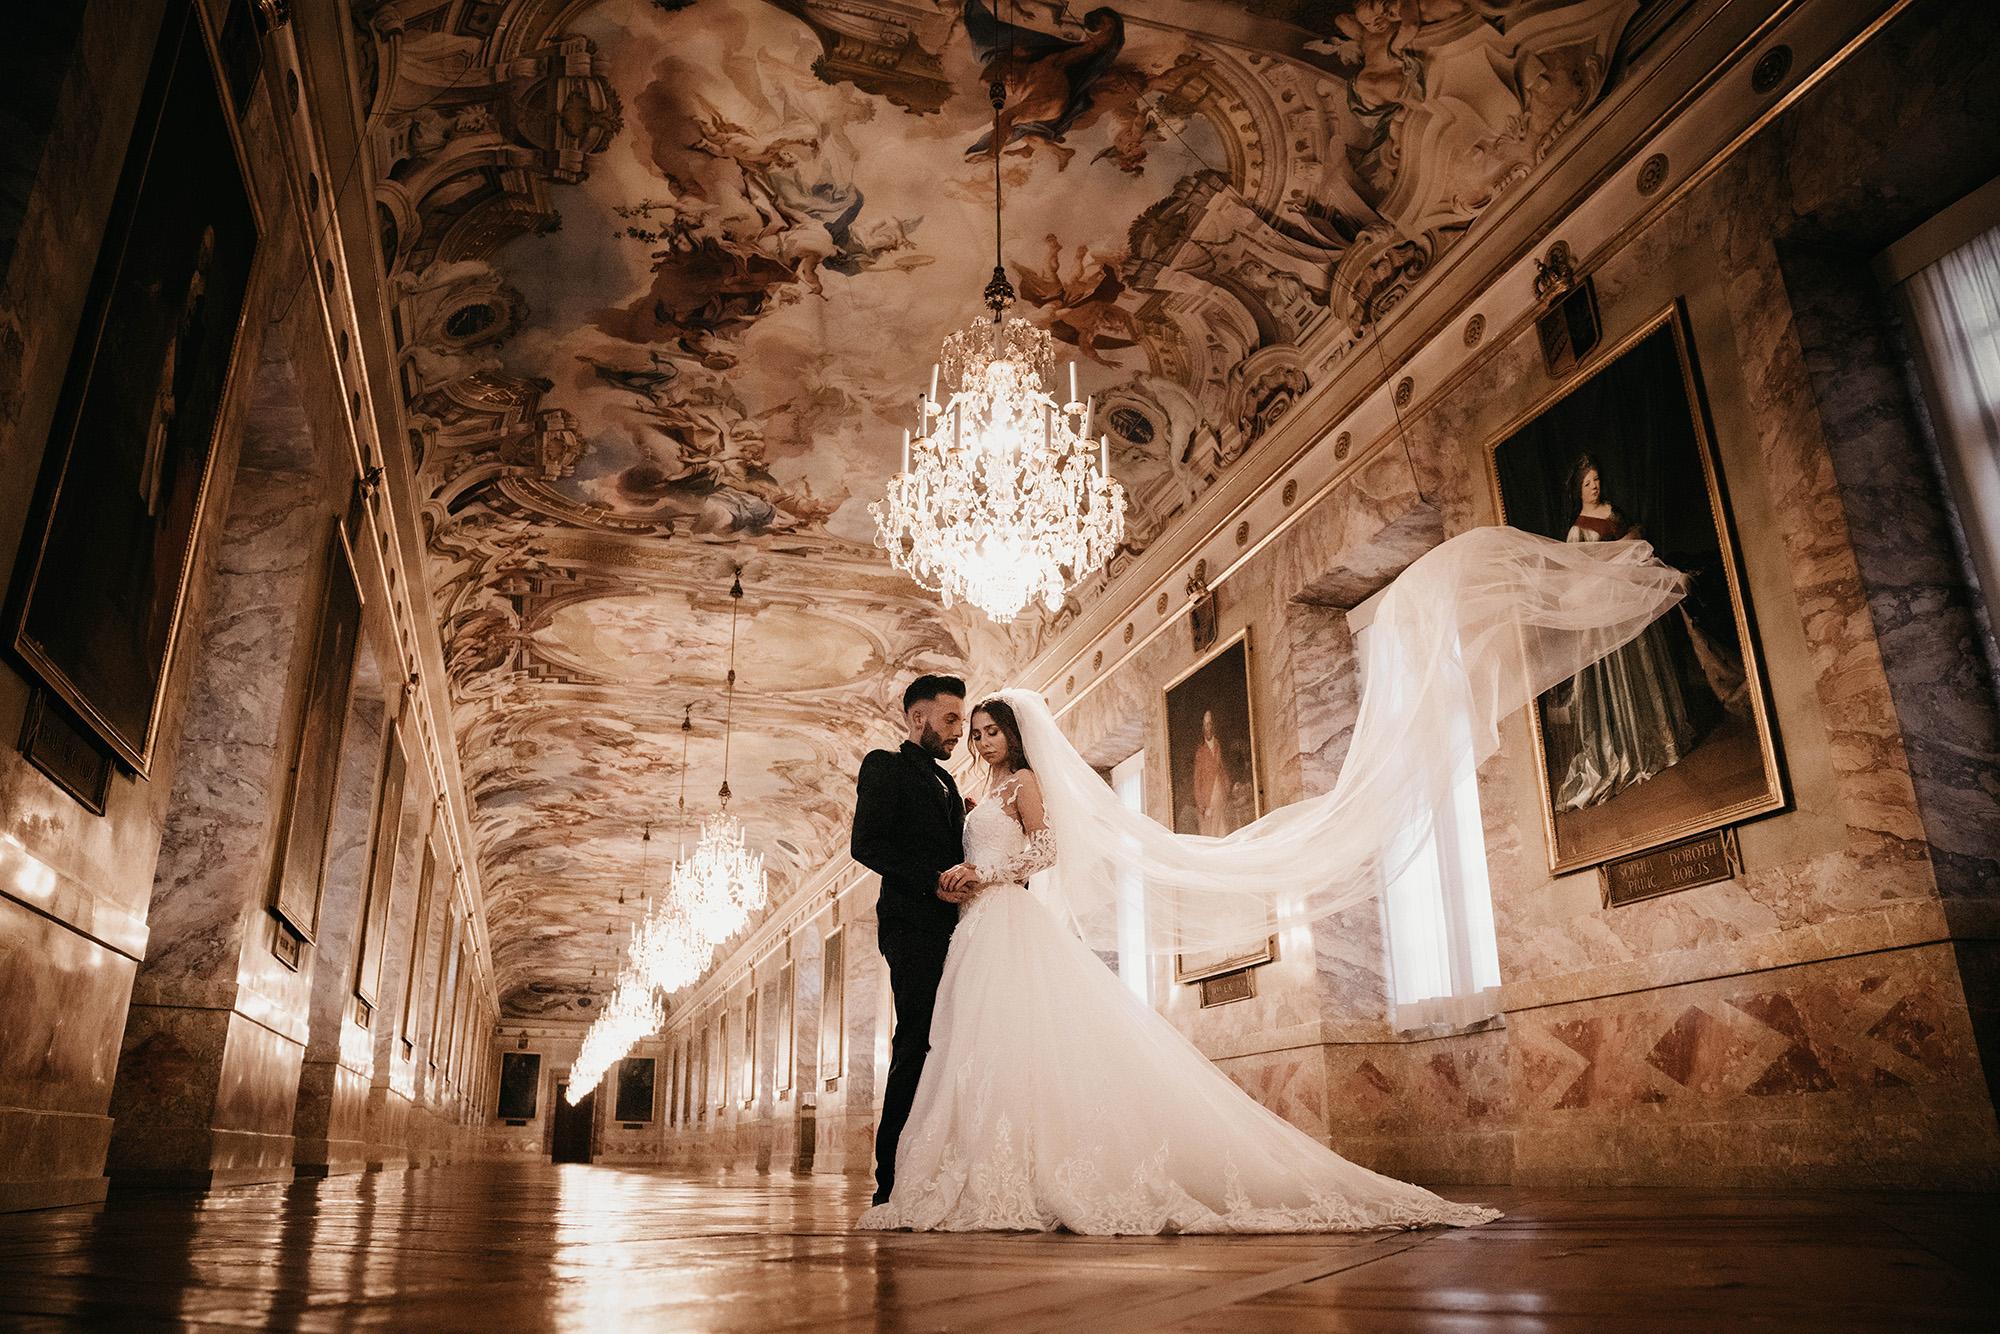 Braut im Museum mit fliegender Schleier.jpg